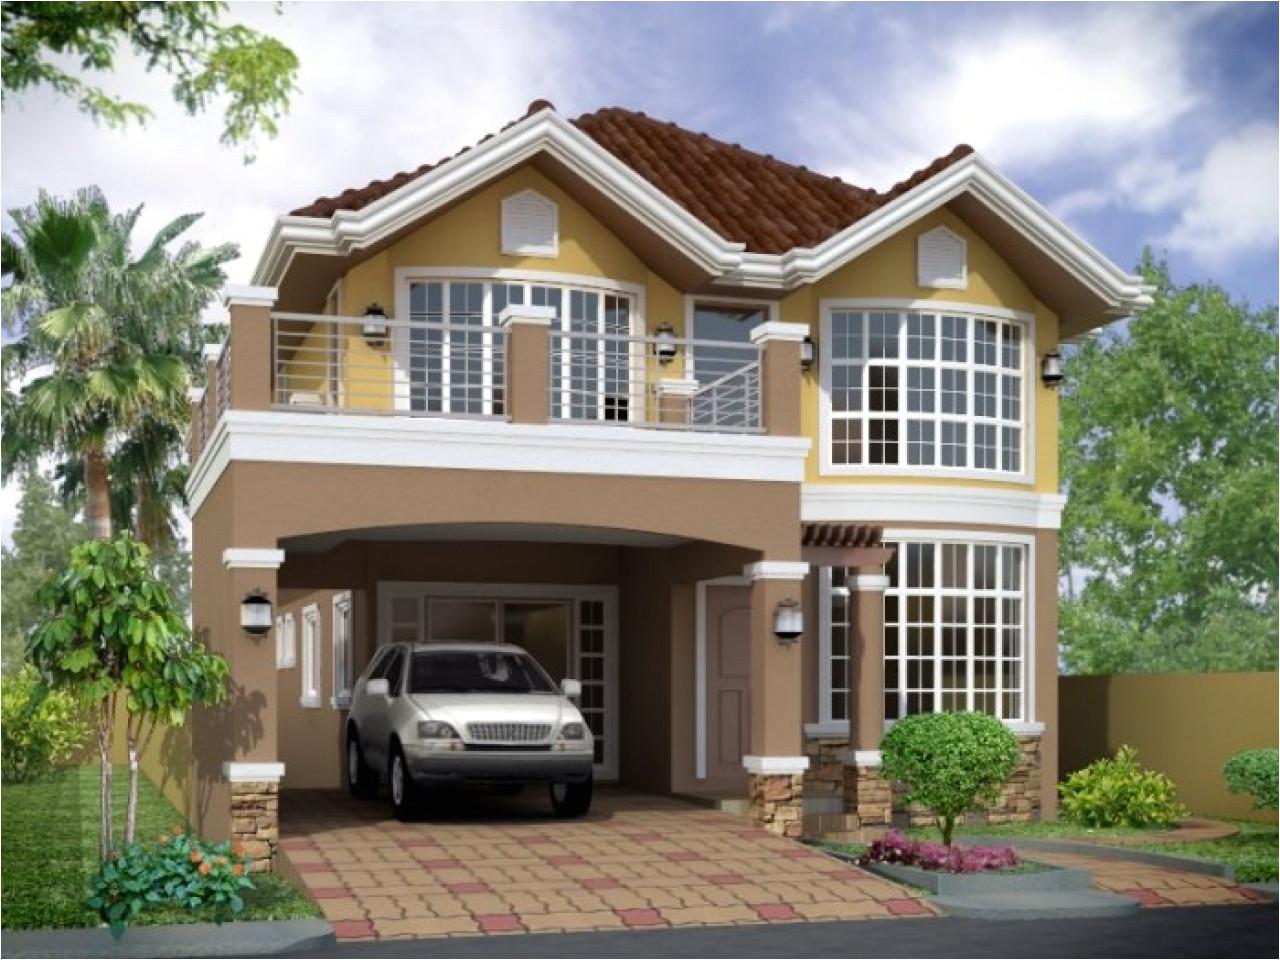 ab0ac78b72e4537d modern home design small houses small home house design